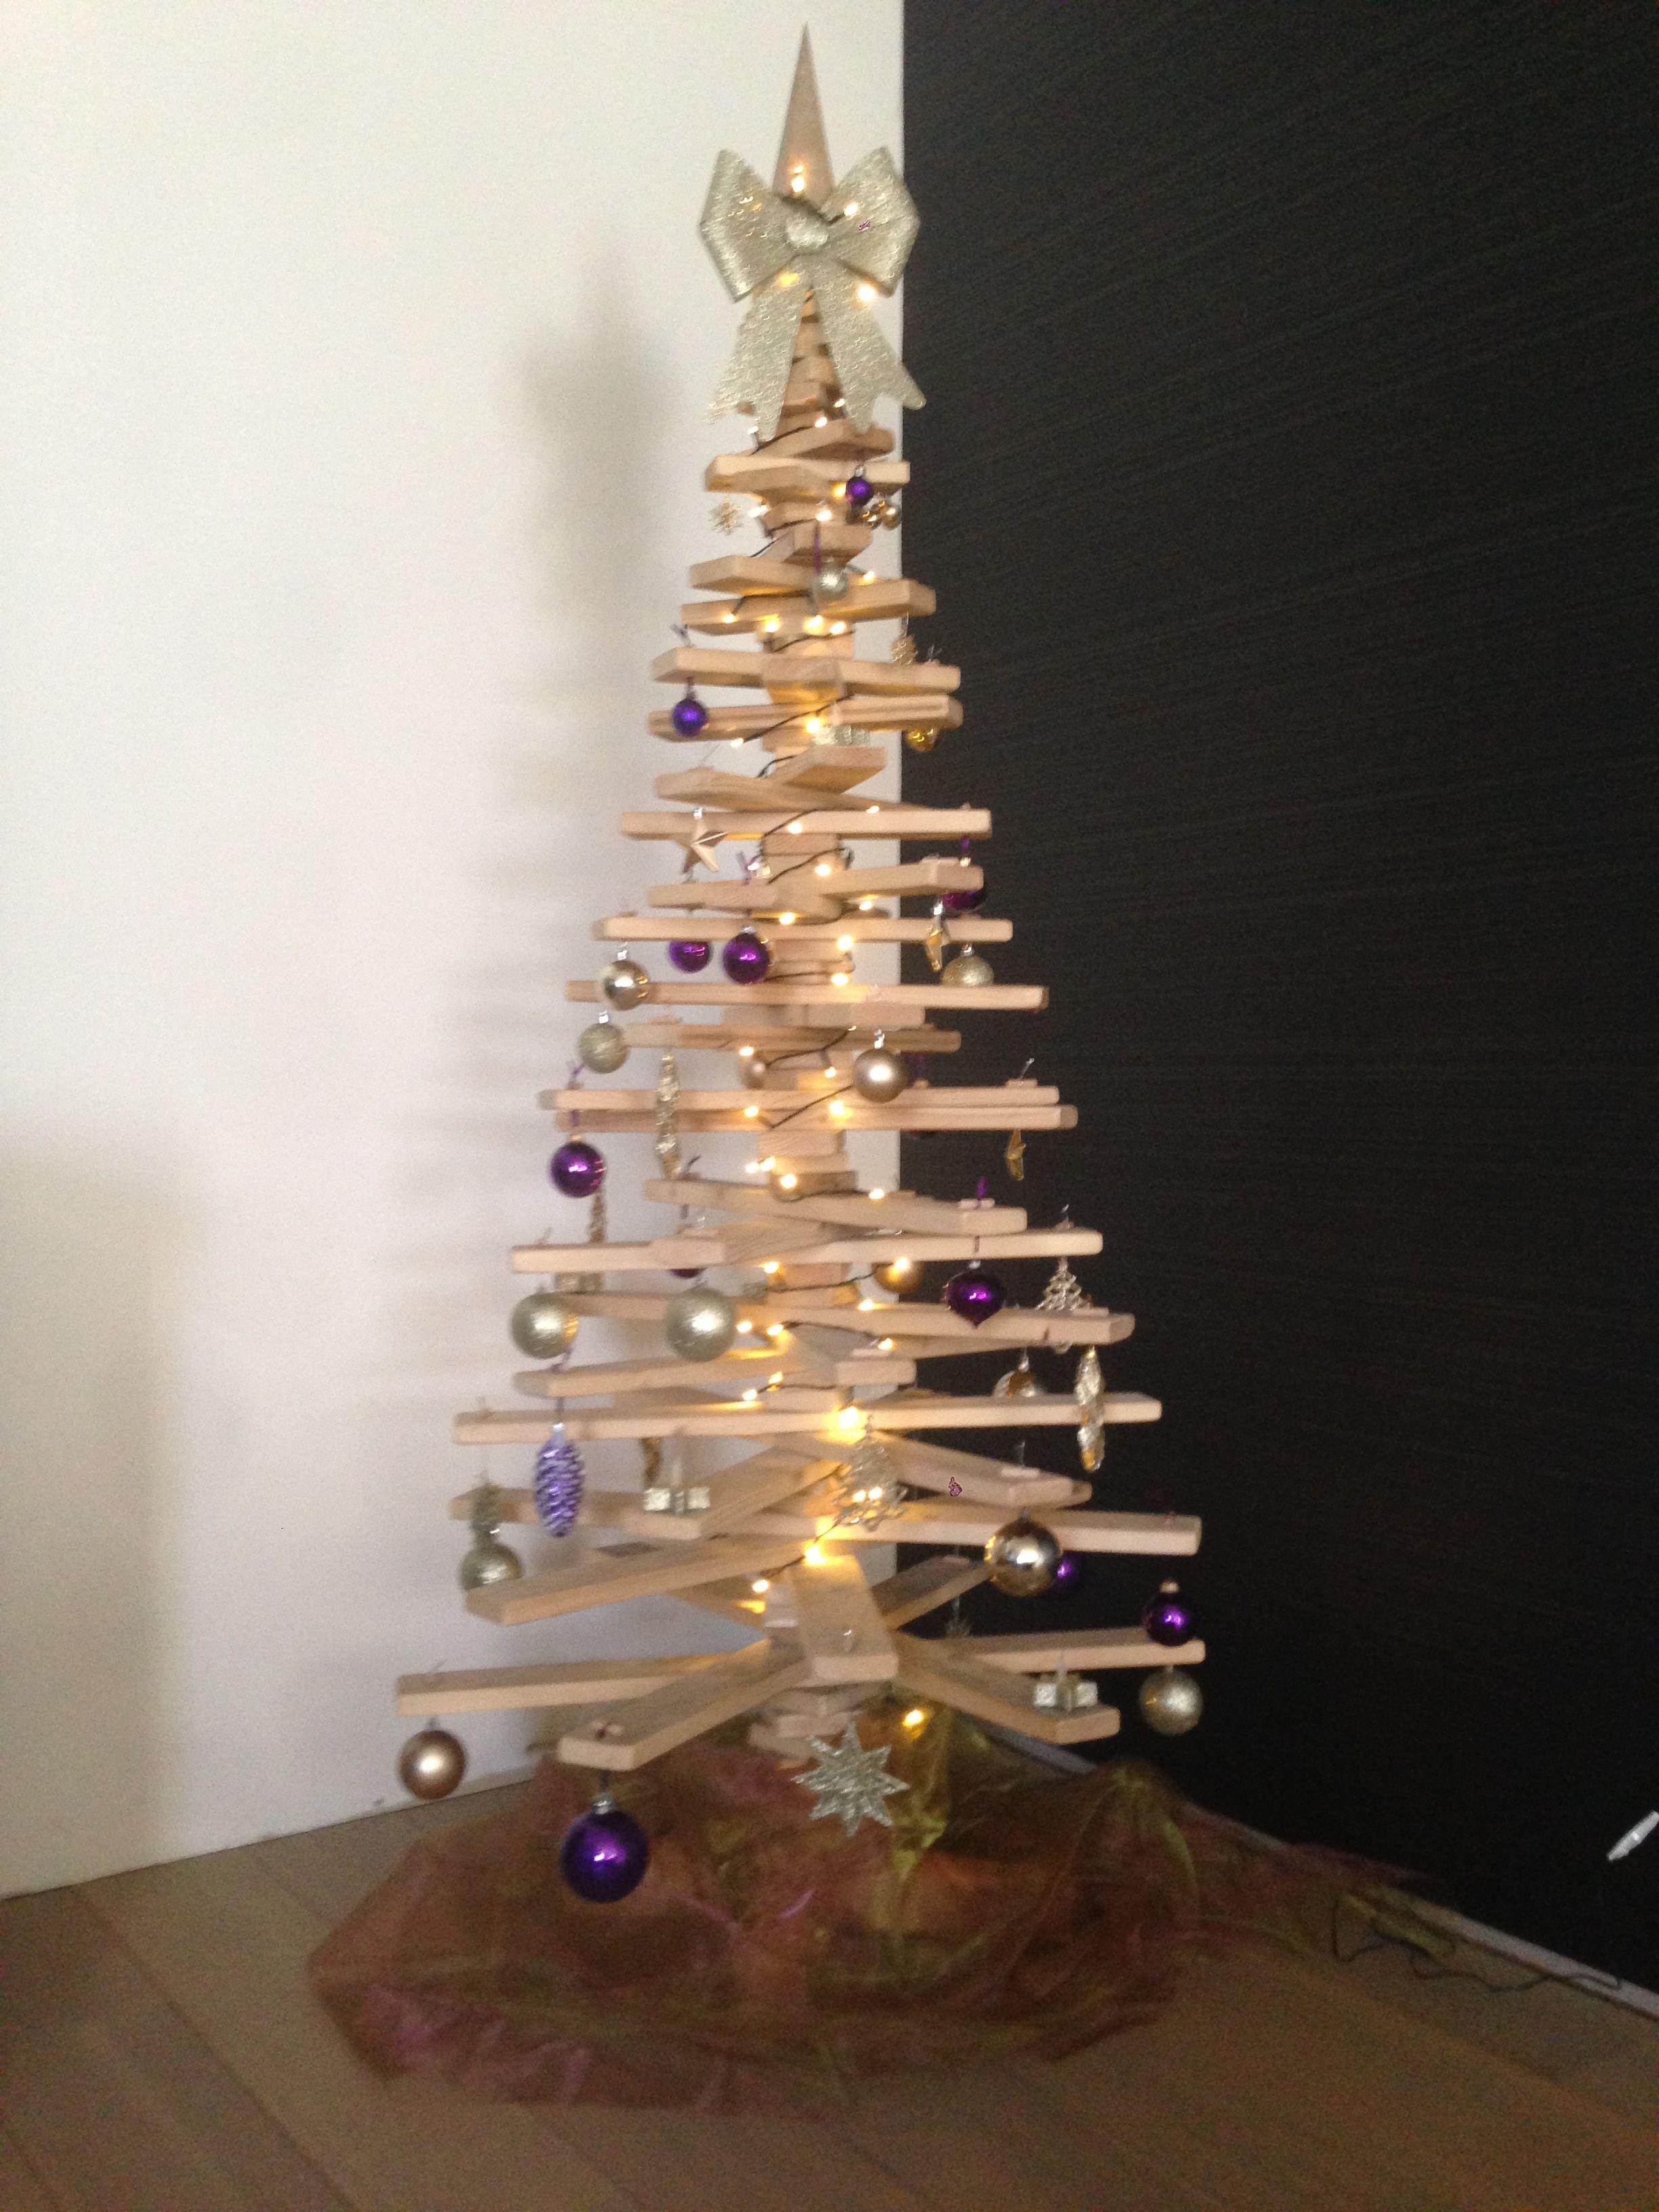 Zelfgemaakte Houten Kerstboom Met Oude Planken Van Afbraak Houten Kerstbomen Kerstboom Kerstmis